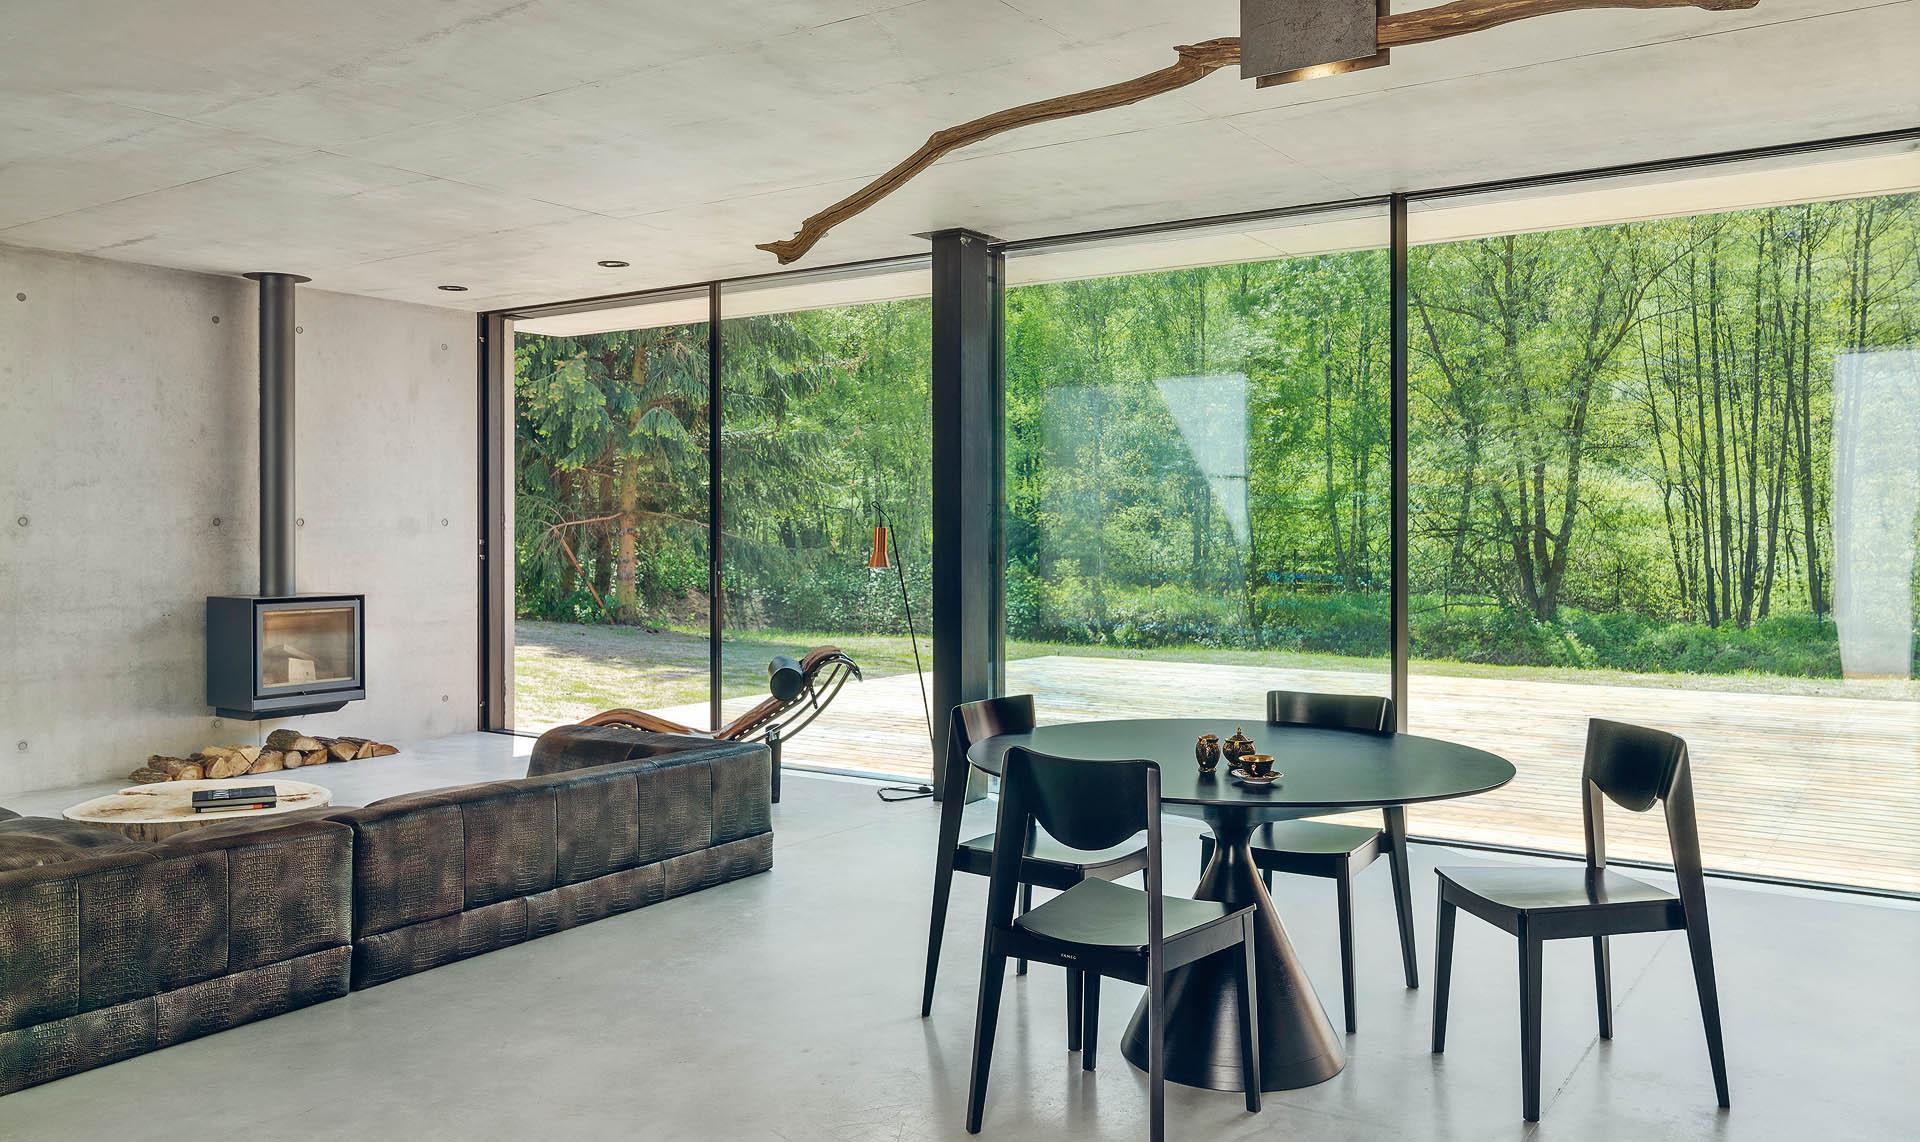 wszystkie ściany części mieszkalnej zostały wykonane wtechnologii betonu architektonicznego typu sandwich: beton–ocieplenie–beton